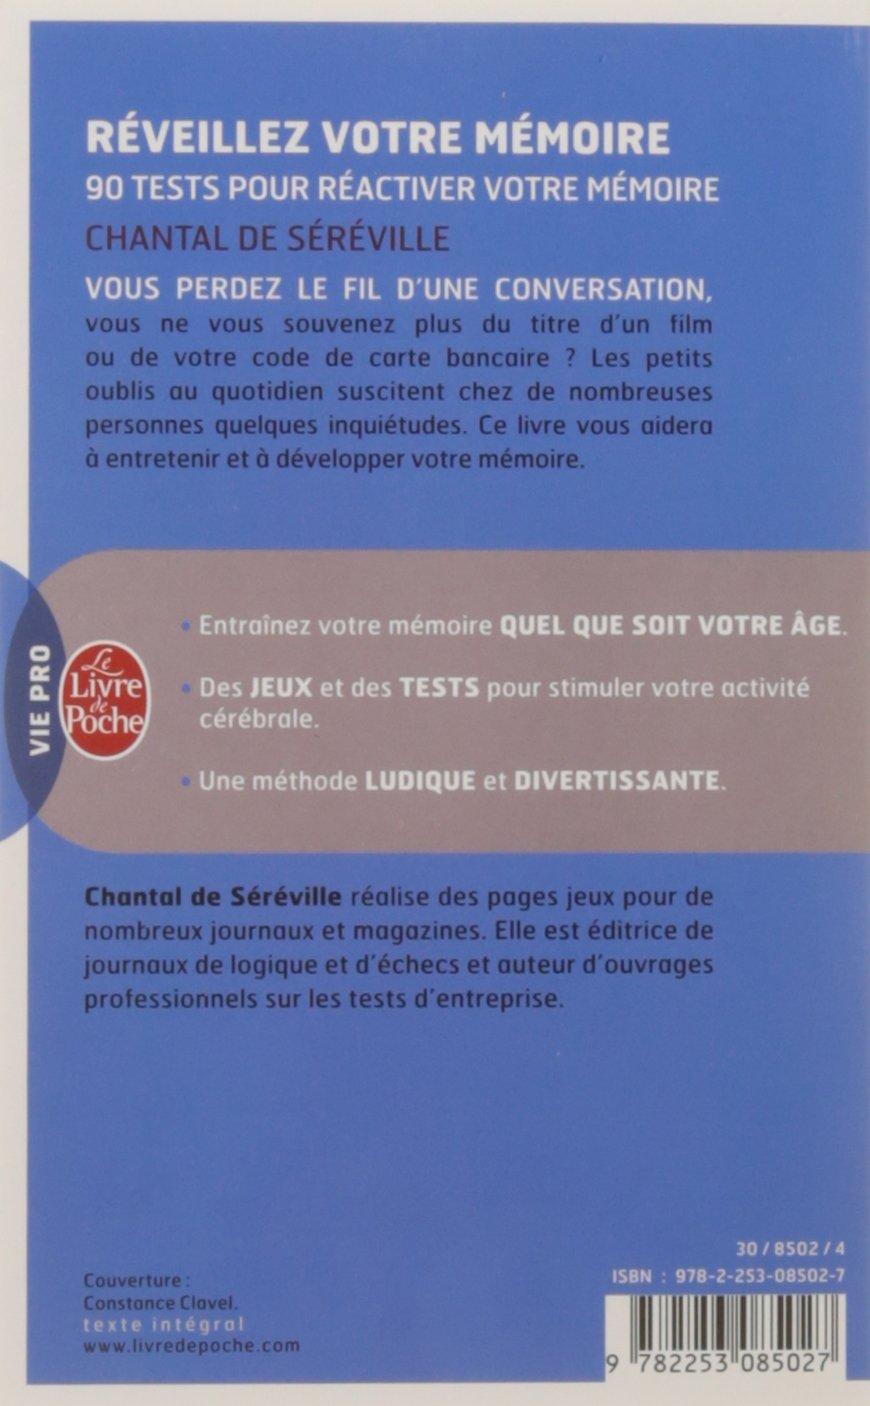 Amazon.fr - Réveillez votre mémoire : 90 tests pour réactiver votre mémoire  - Chantal de Séréville - Livres